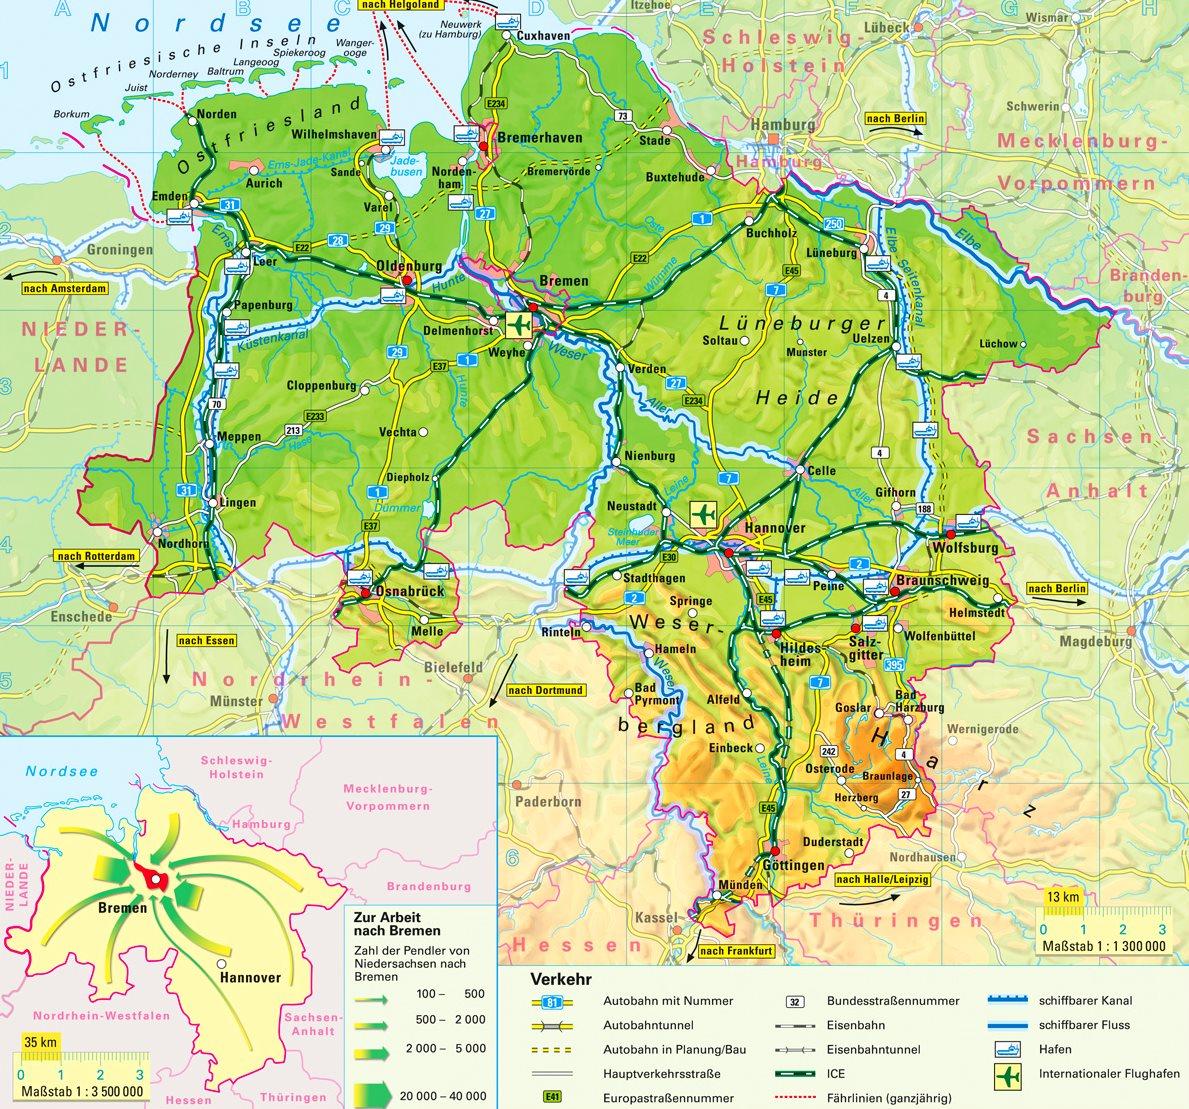 Landkarte Deutschland Stadte Und Flusse لم يسبق له مثيل الصور Tier3 Xyz